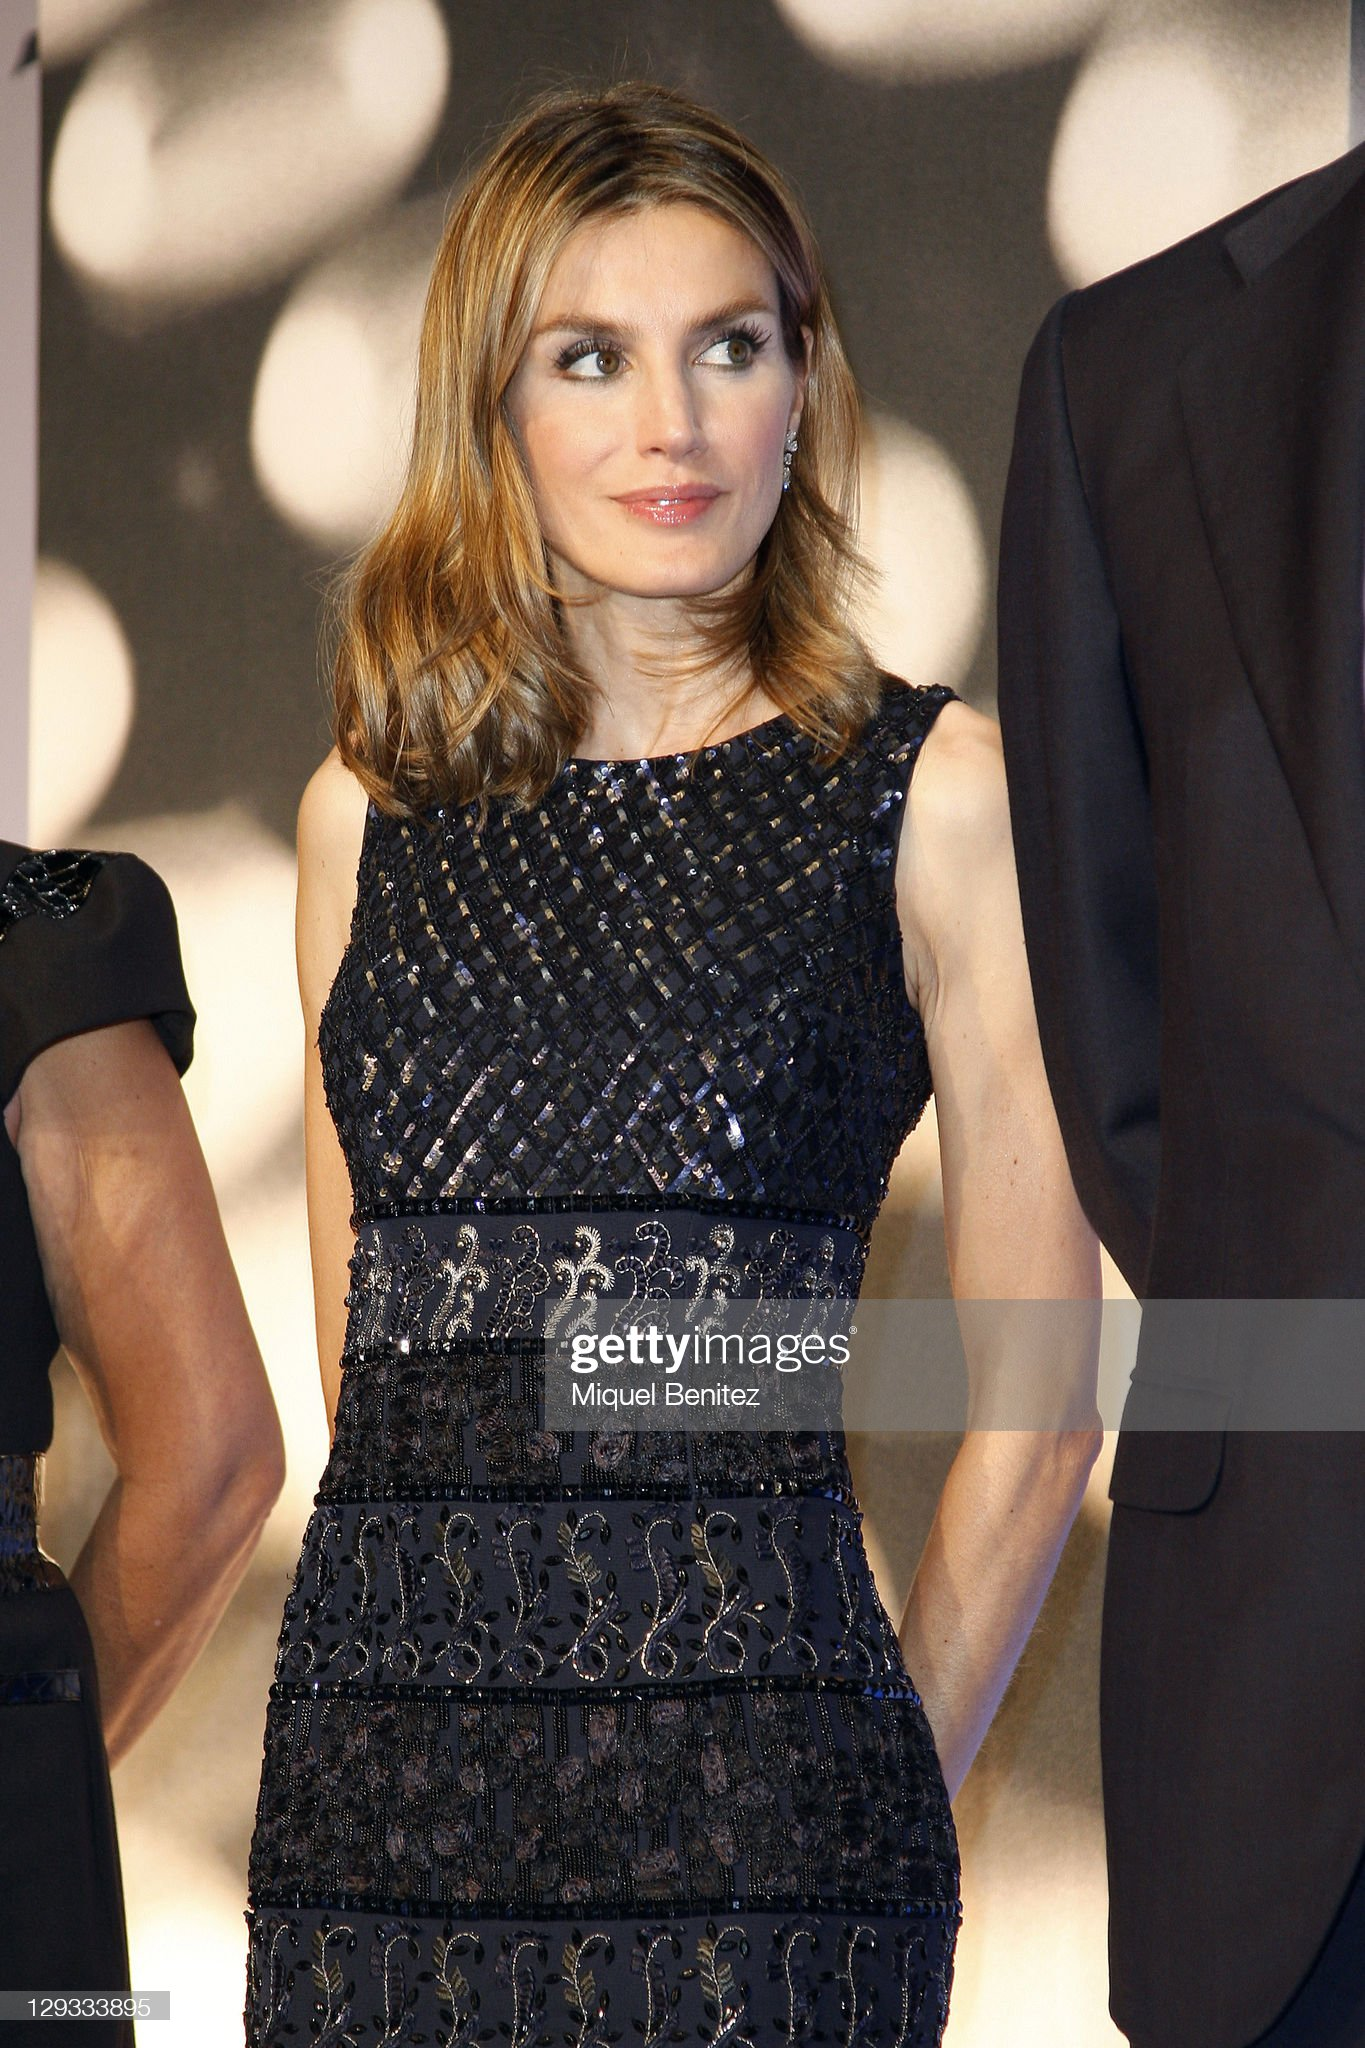 Planeta Awards 2011 : News Photo